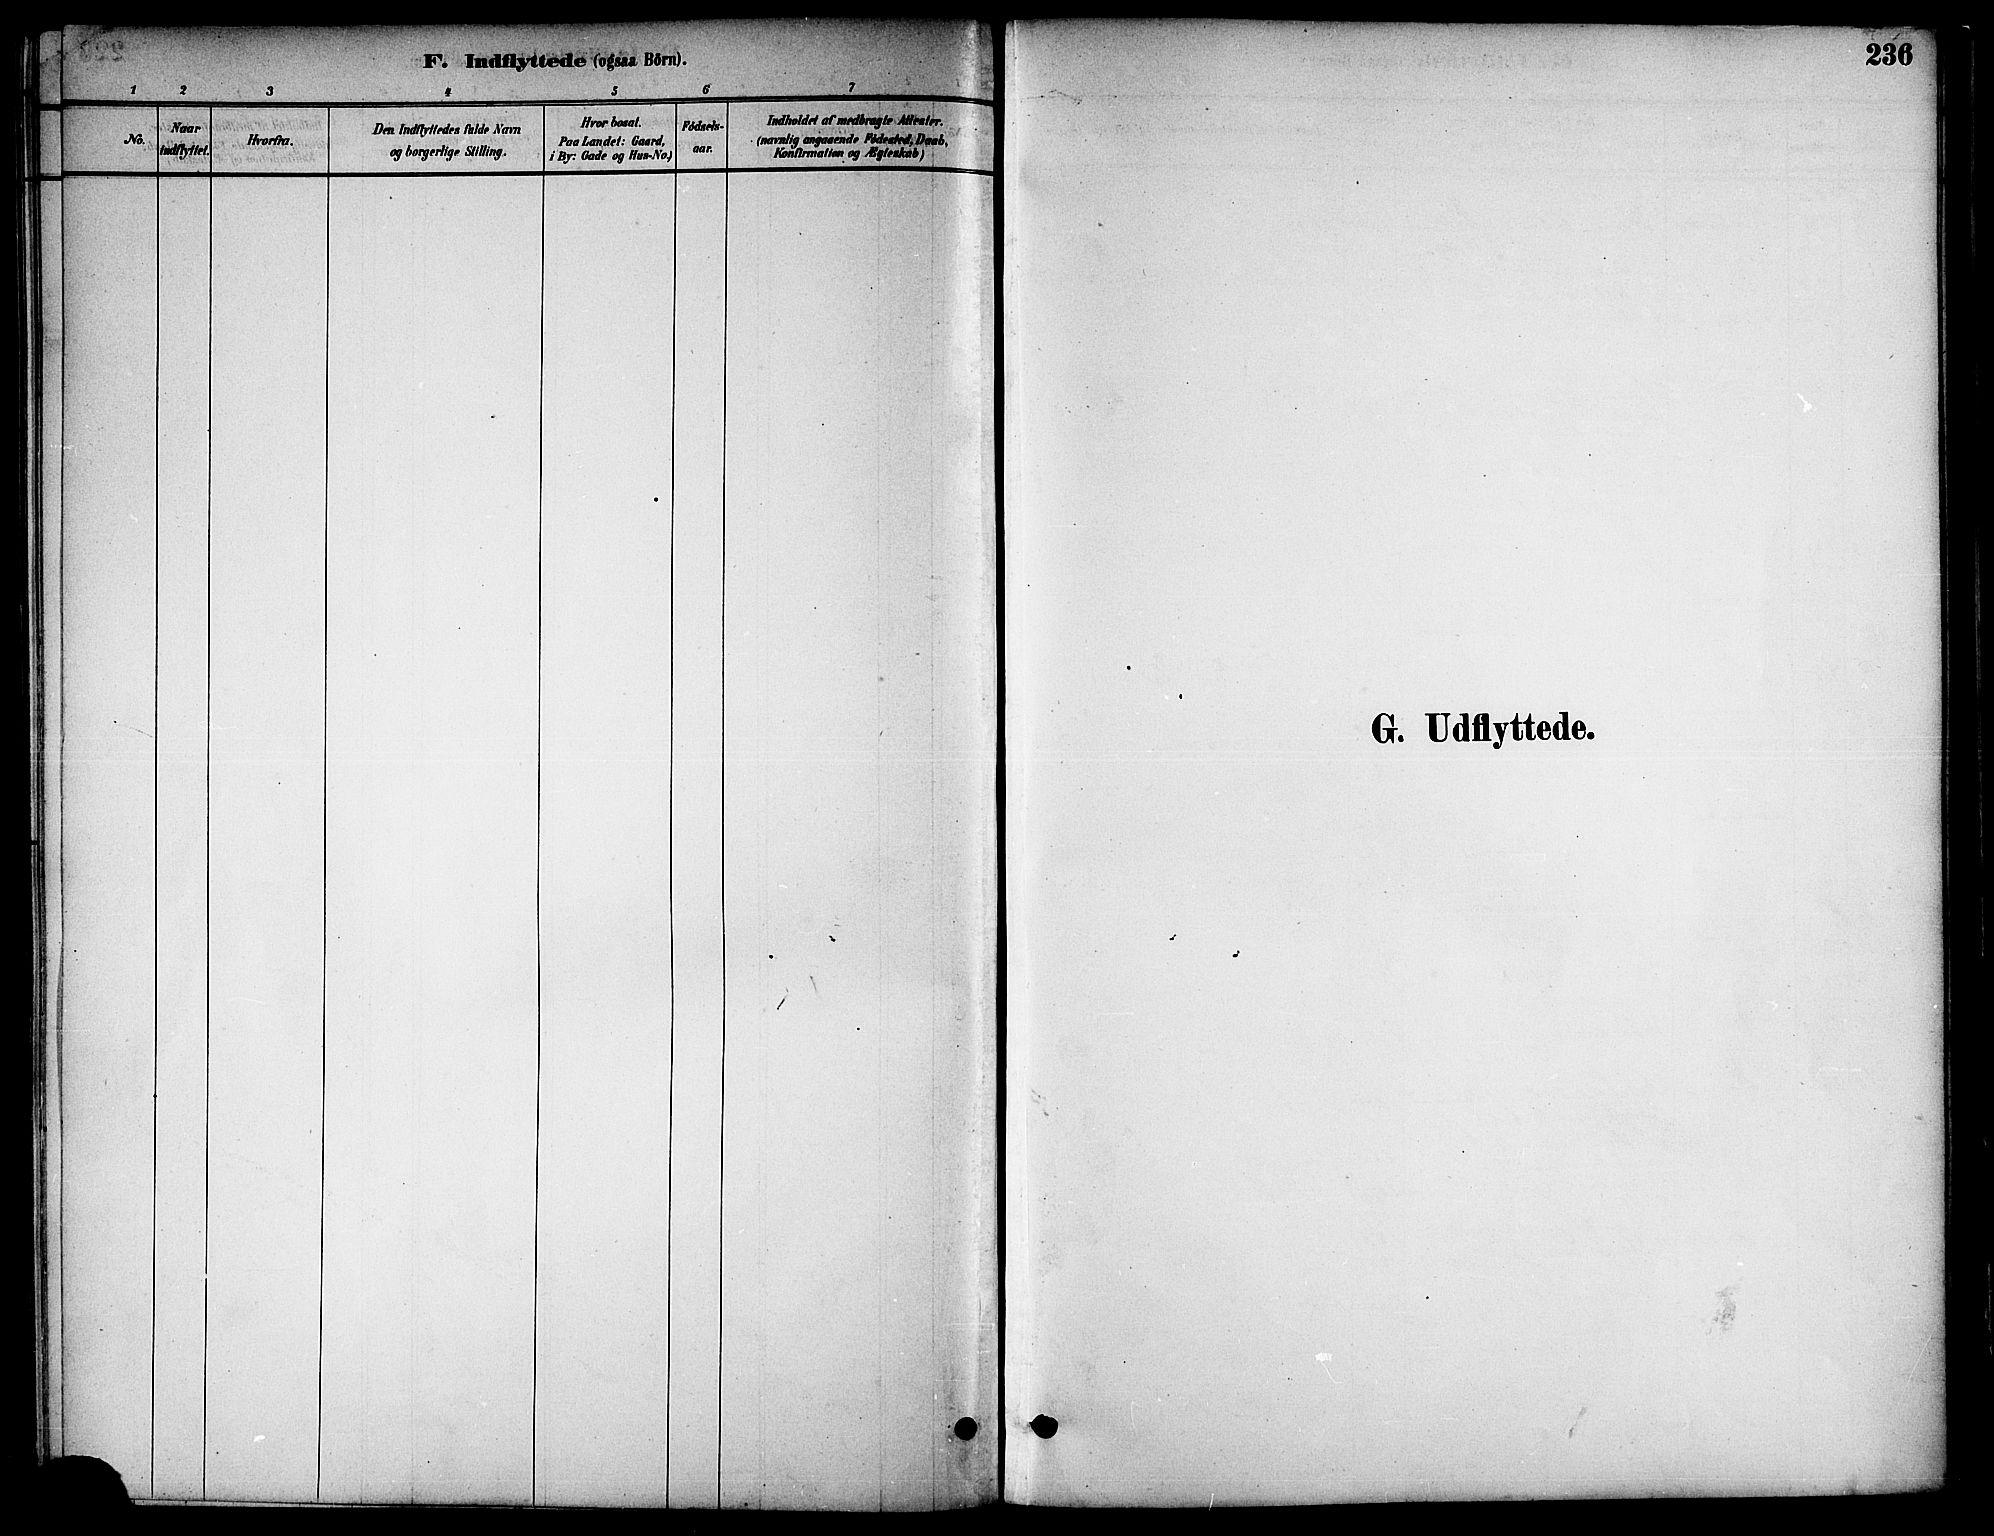 SAT, Ministerialprotokoller, klokkerbøker og fødselsregistre - Nord-Trøndelag, 739/L0371: Ministerialbok nr. 739A03, 1881-1895, s. 236